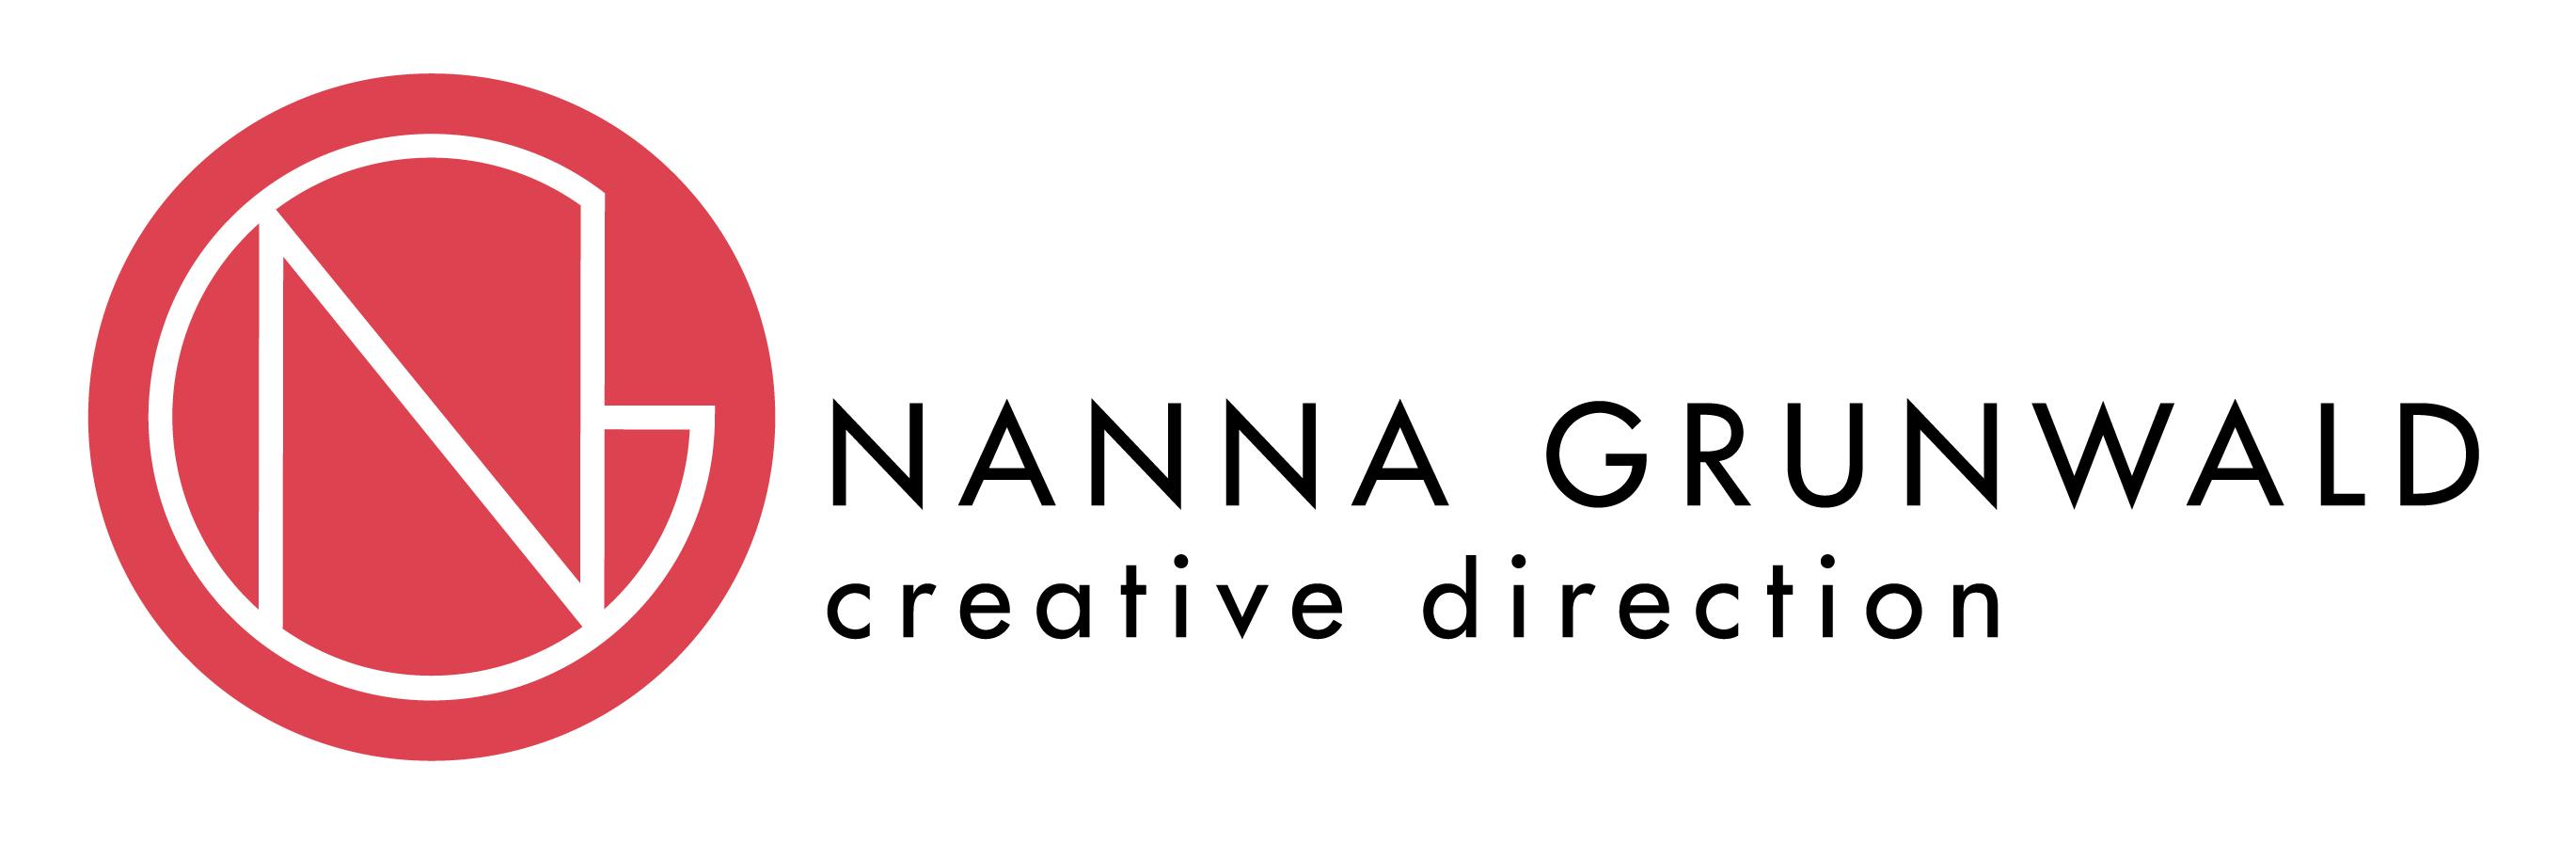 Nanna Grunwald